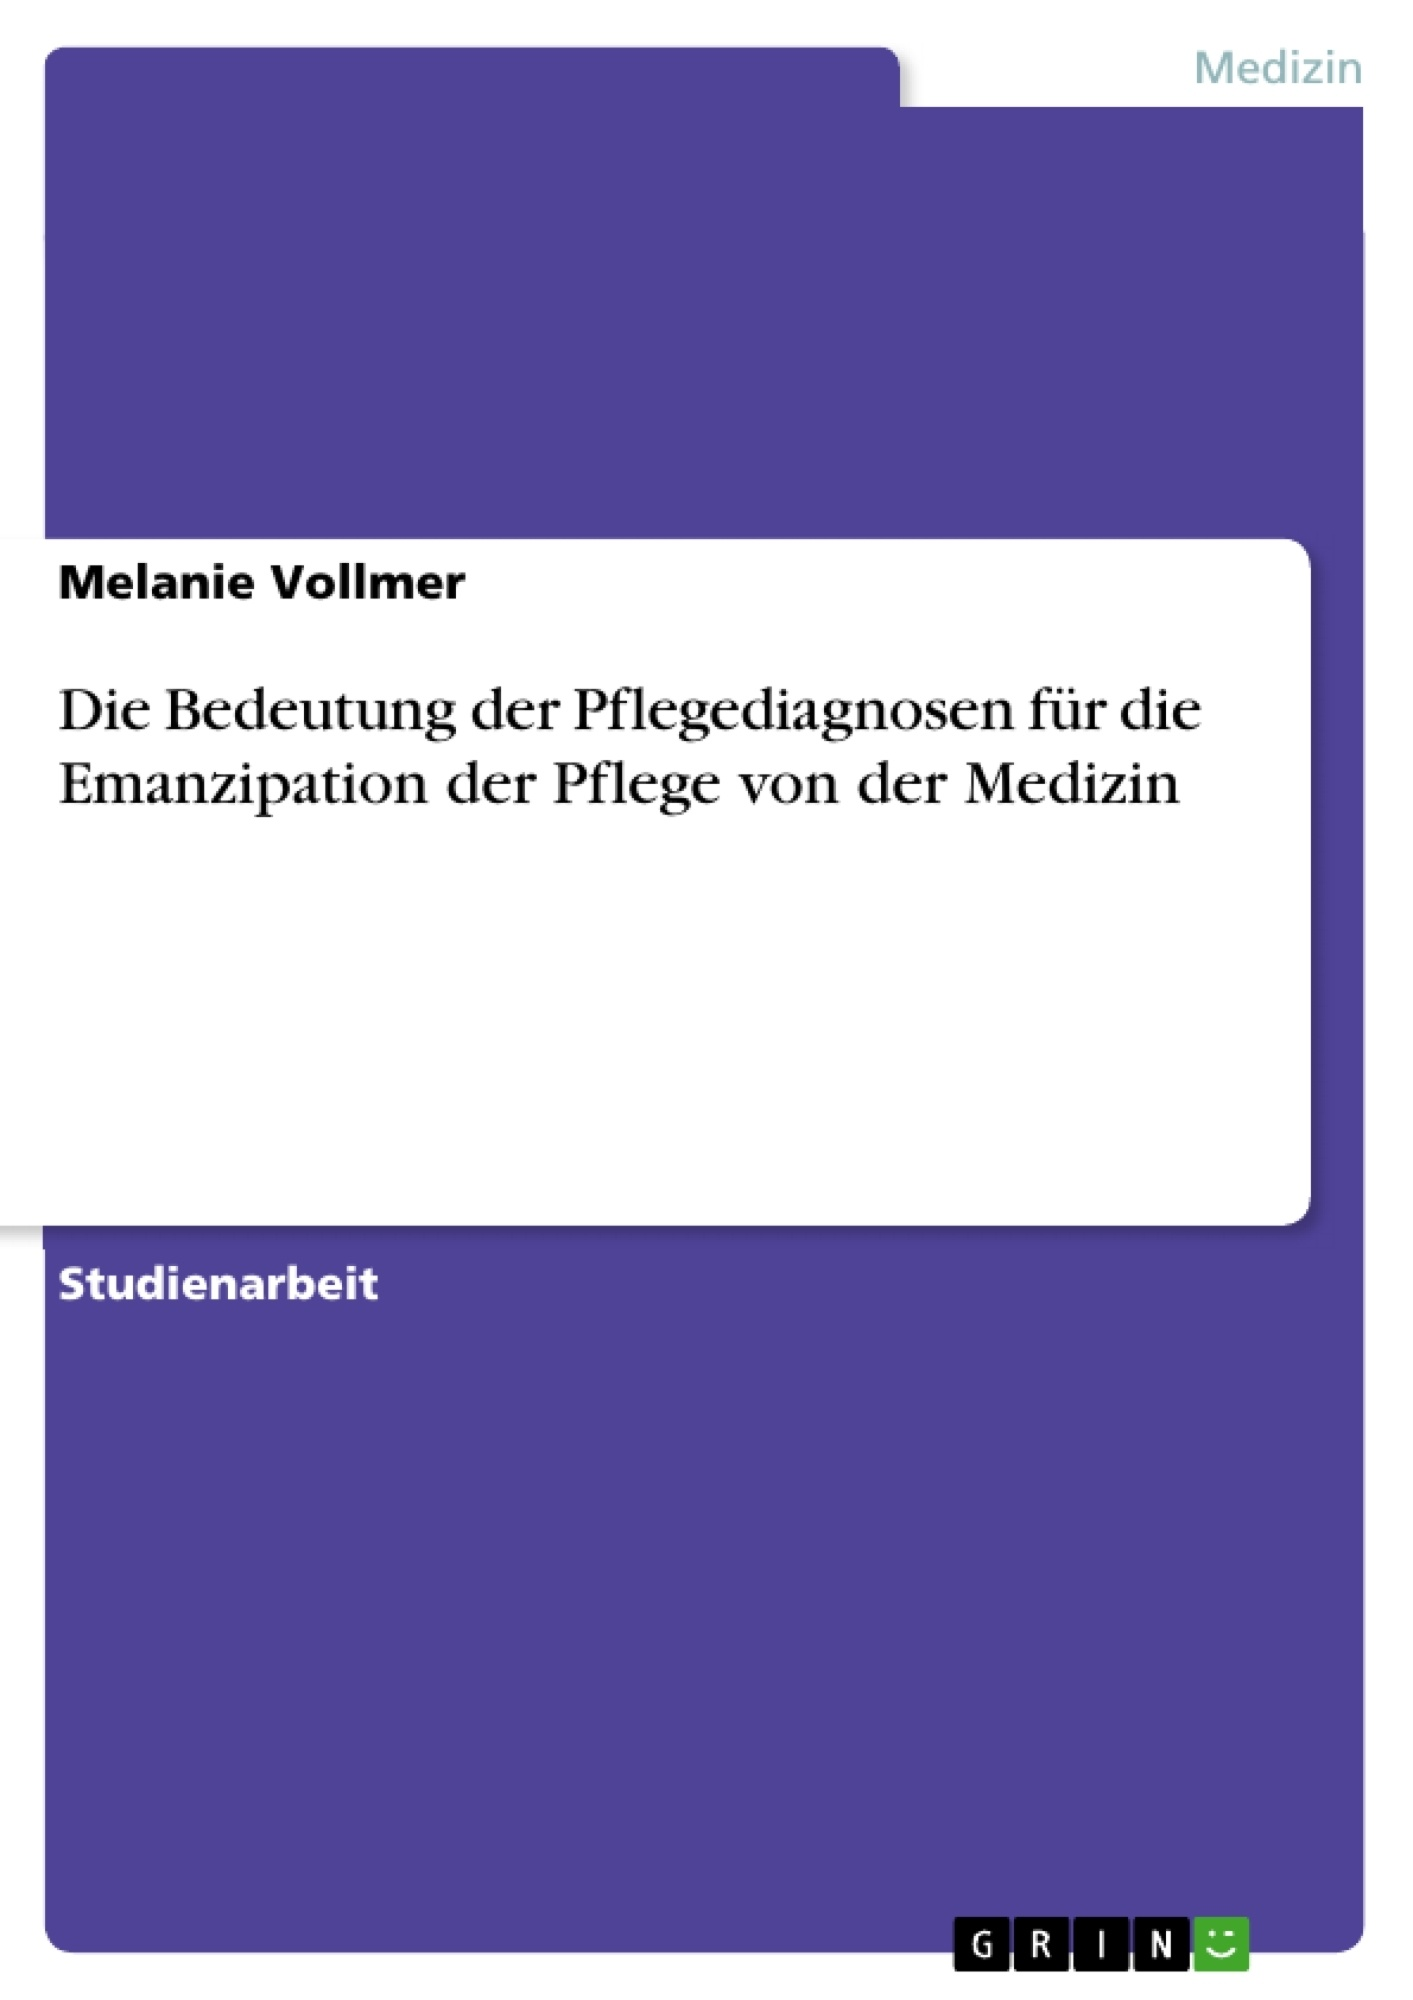 Titel: Die Bedeutung der Pflegediagnosen für die Emanzipation der Pflege von der Medizin